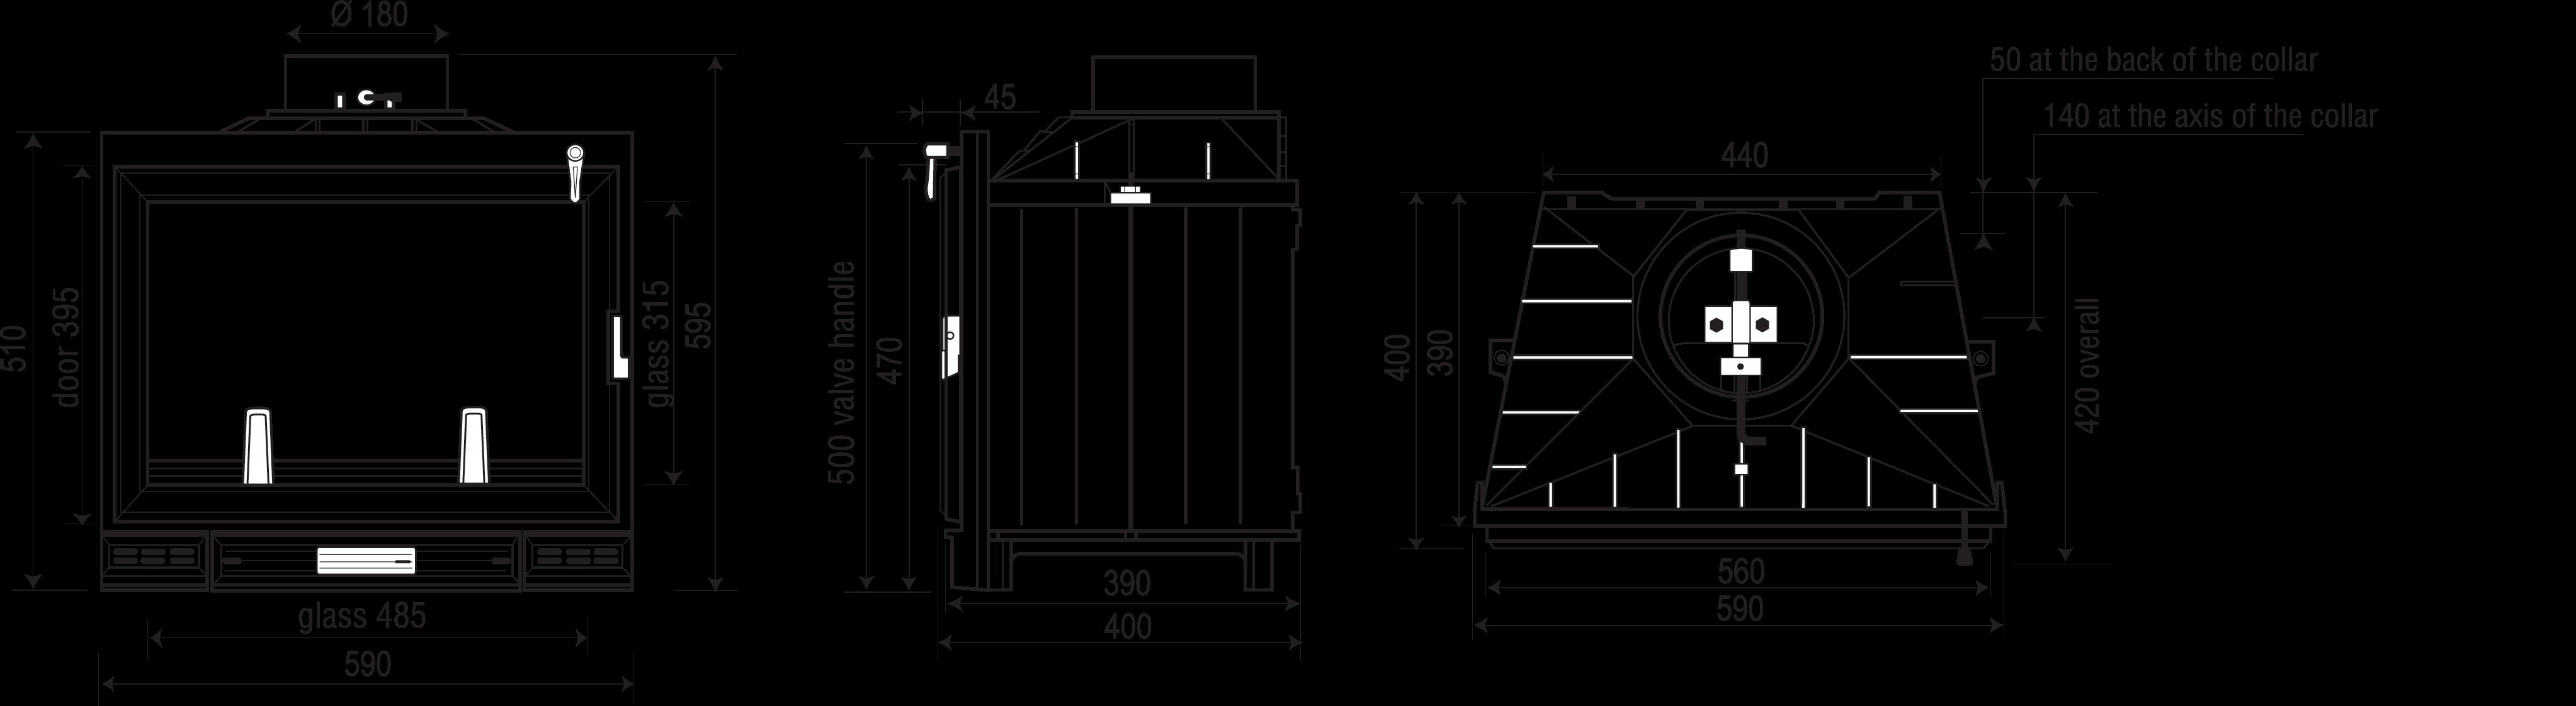 Seguin-kaminsudamik-F0100-Rubis-mm.png